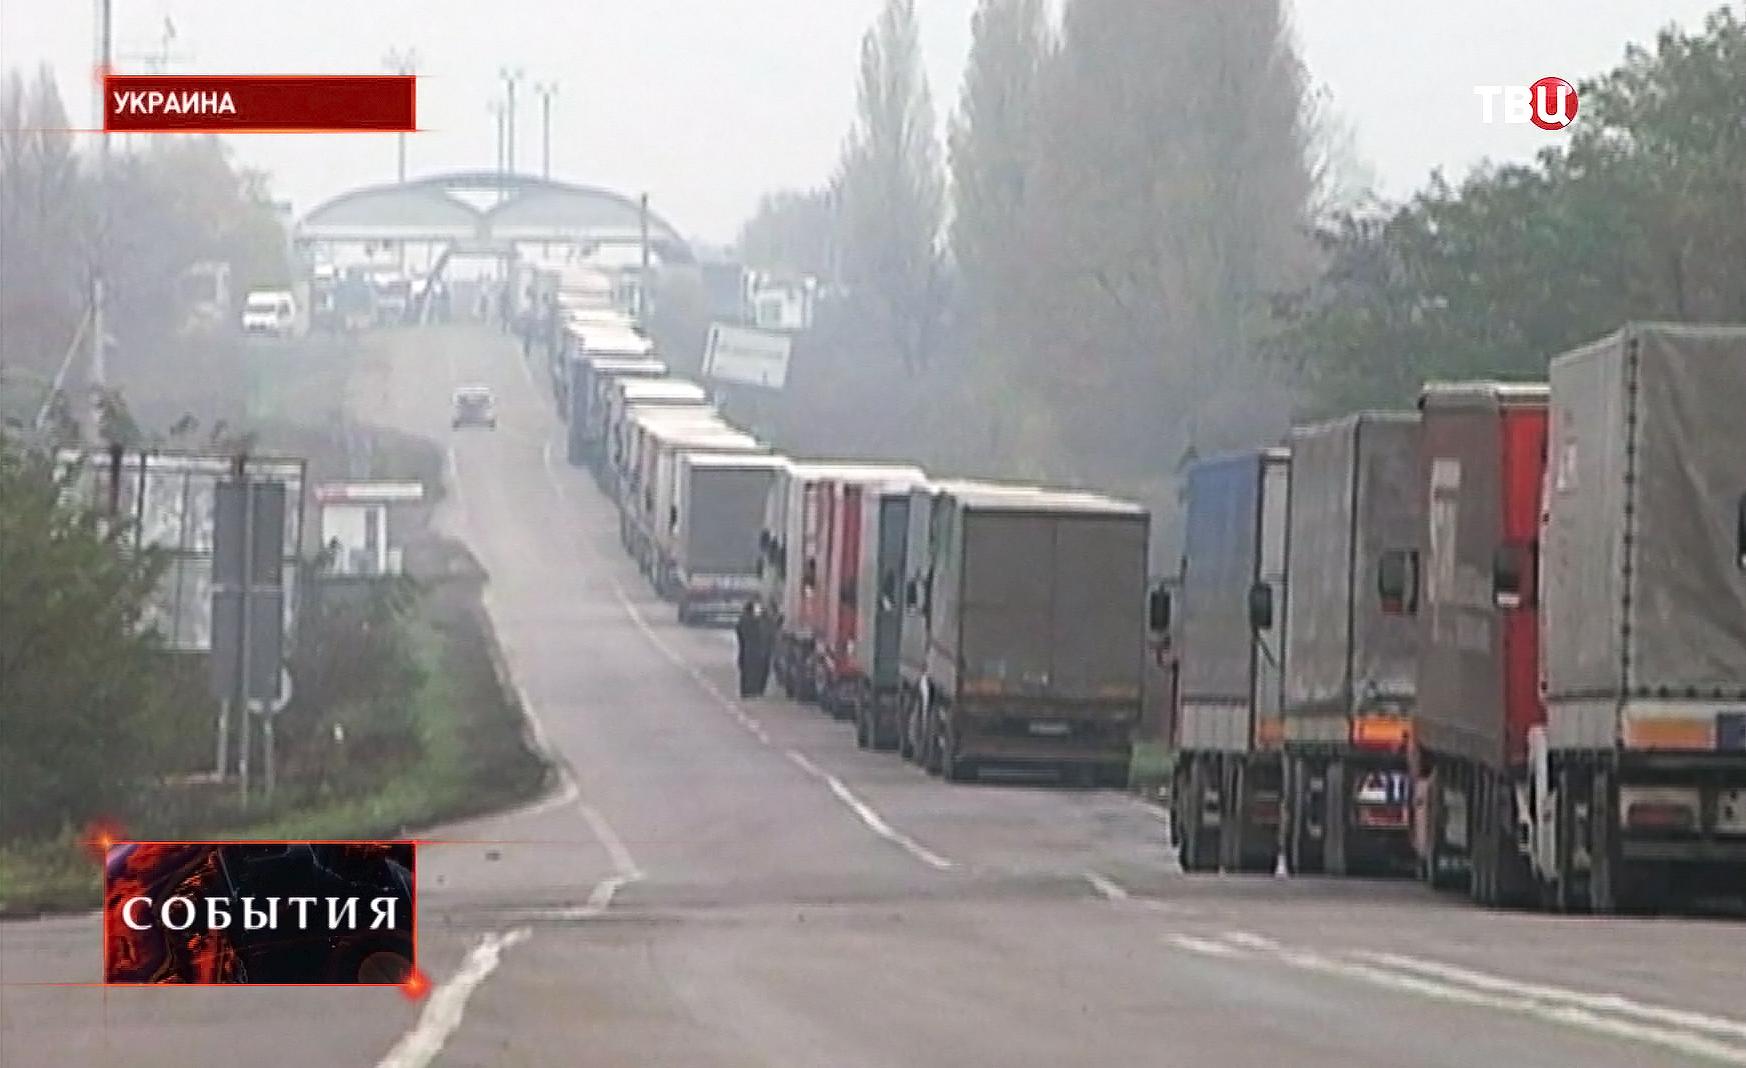 Очередь грузовиков на границе с Россией